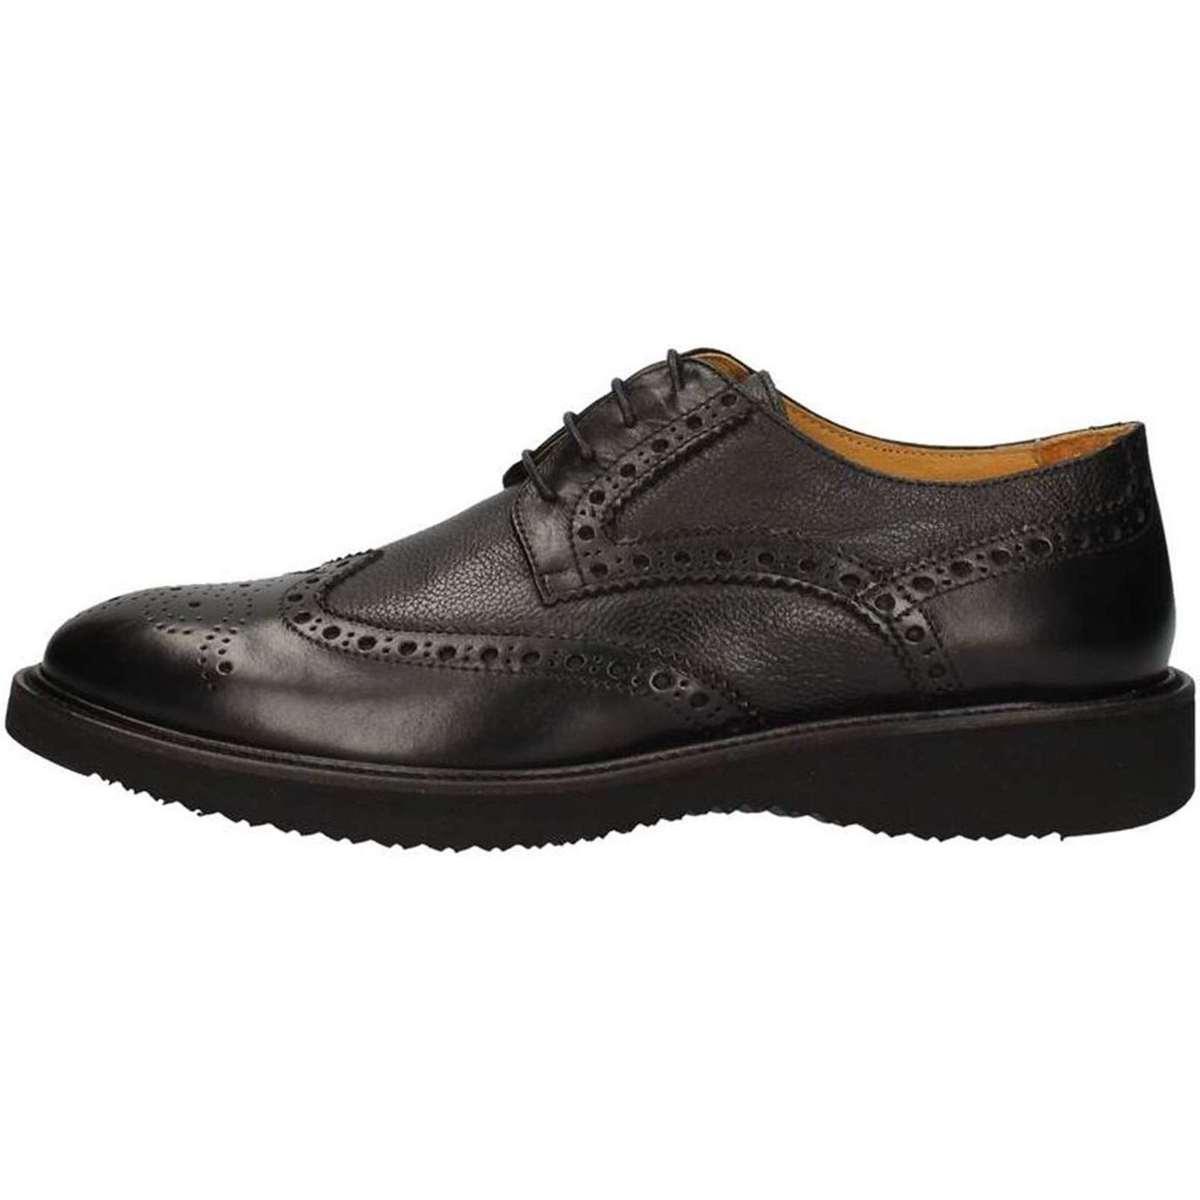 Hudson 917 Lace up shoes Mann Schwarz Schwarz - Schuhe Derby-Schuhe Herren 92,20 €